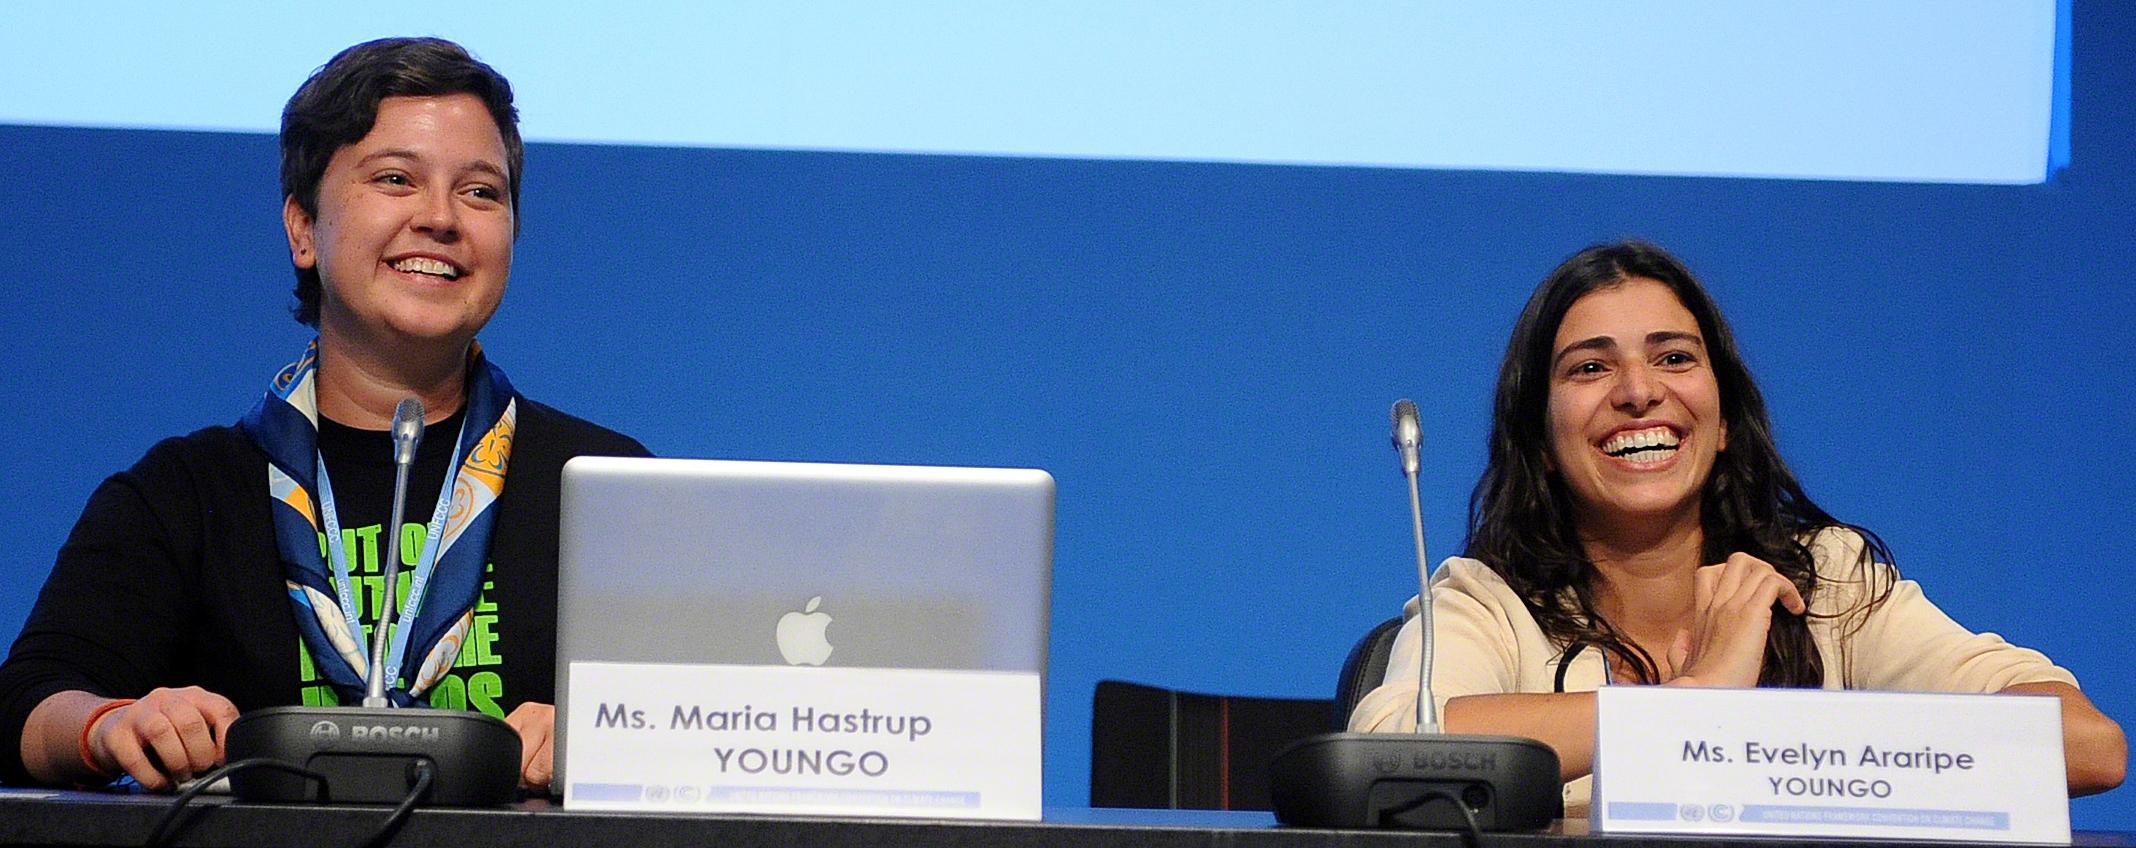 Evelyn-Araripe-YOUNGO-ONU.jpg